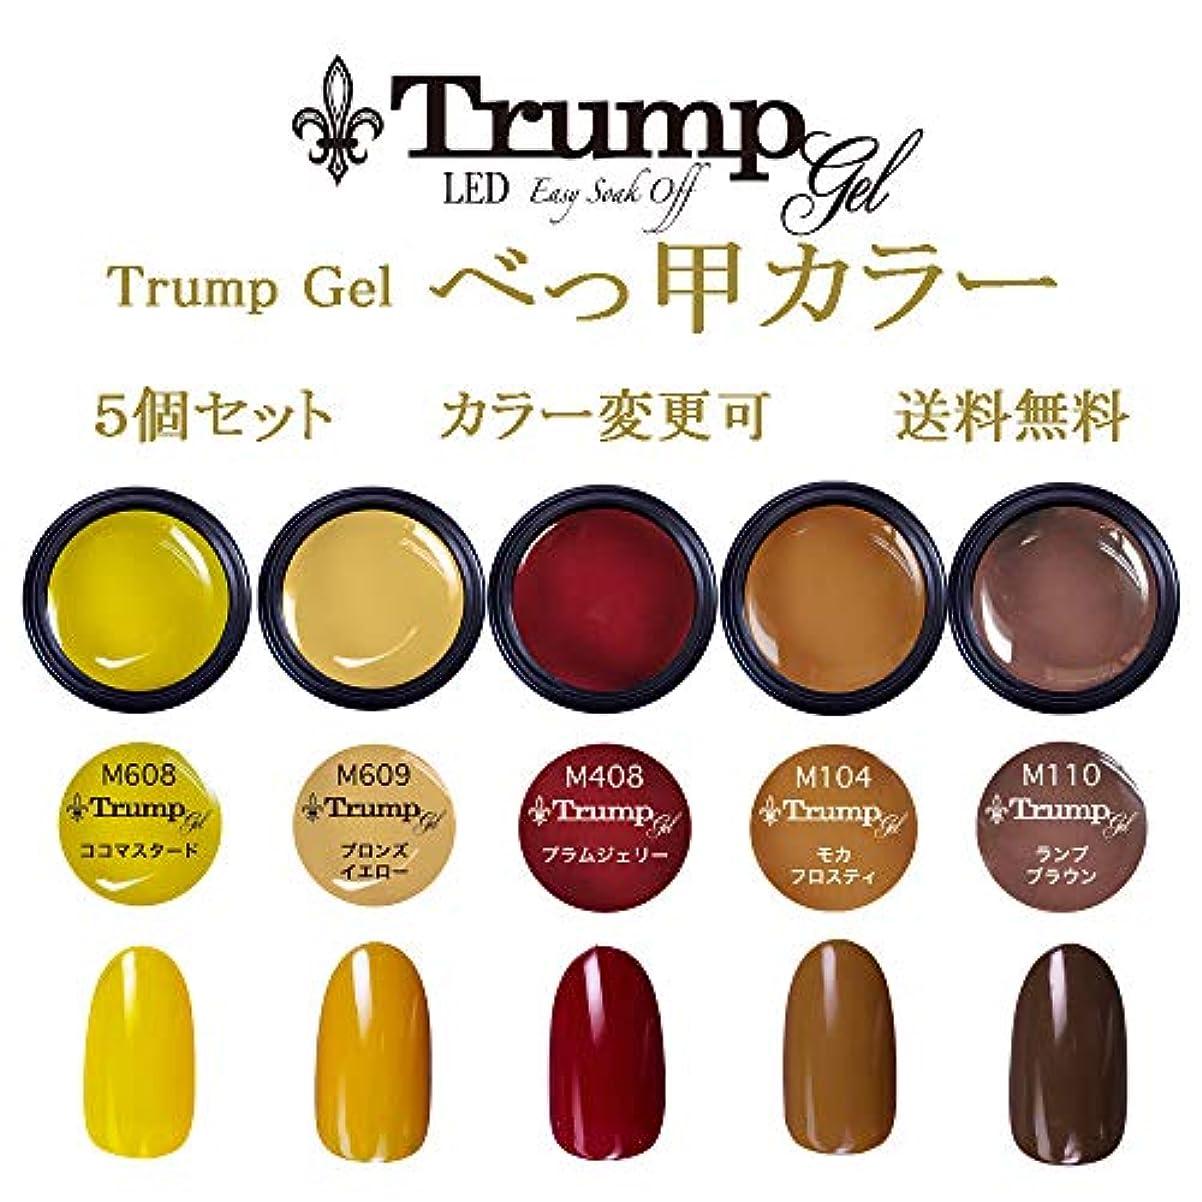 日本製 Trump gel トランプジェル べっ甲 ネイルカラー 選べる カラージェル 5個セット イエロー ブラウン ワイン べっこう